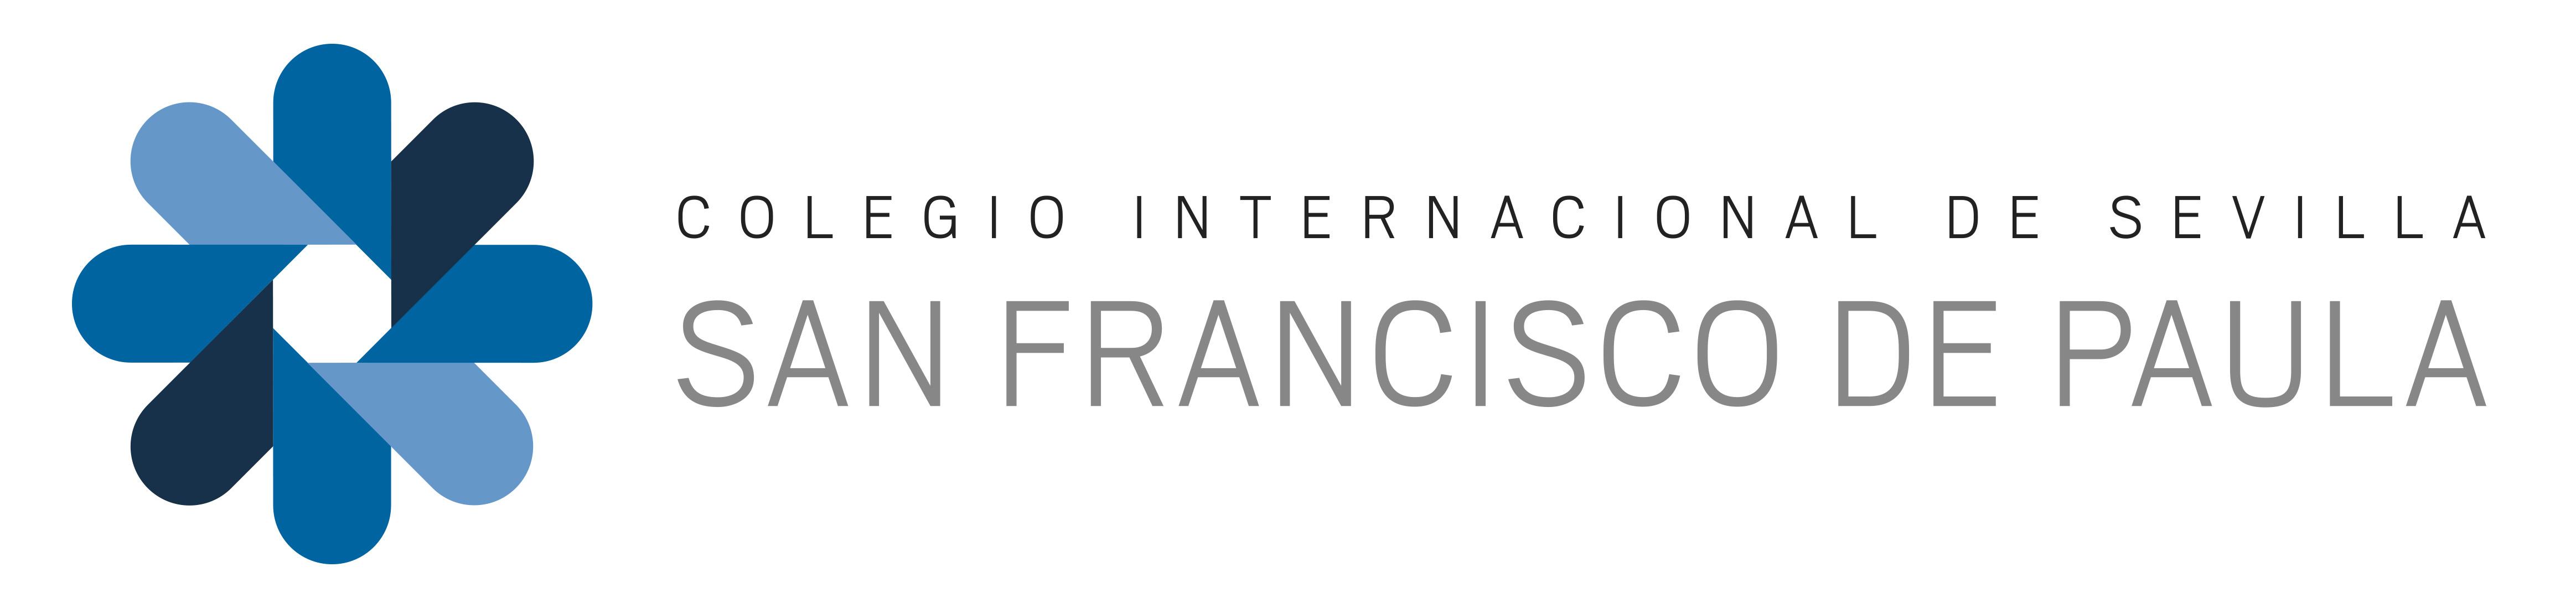 NOTA DE AGENDA Y CONVOCATORIA A GRÁFICOS: EL COLEGIO INTERNACIONAL DE SEVILLA SAN FRANCISCO DE PAULA CAMBIA DE PIEL Y SE TRANSFORMA EN PORTUGAL DESDE MAÑANA LUNES